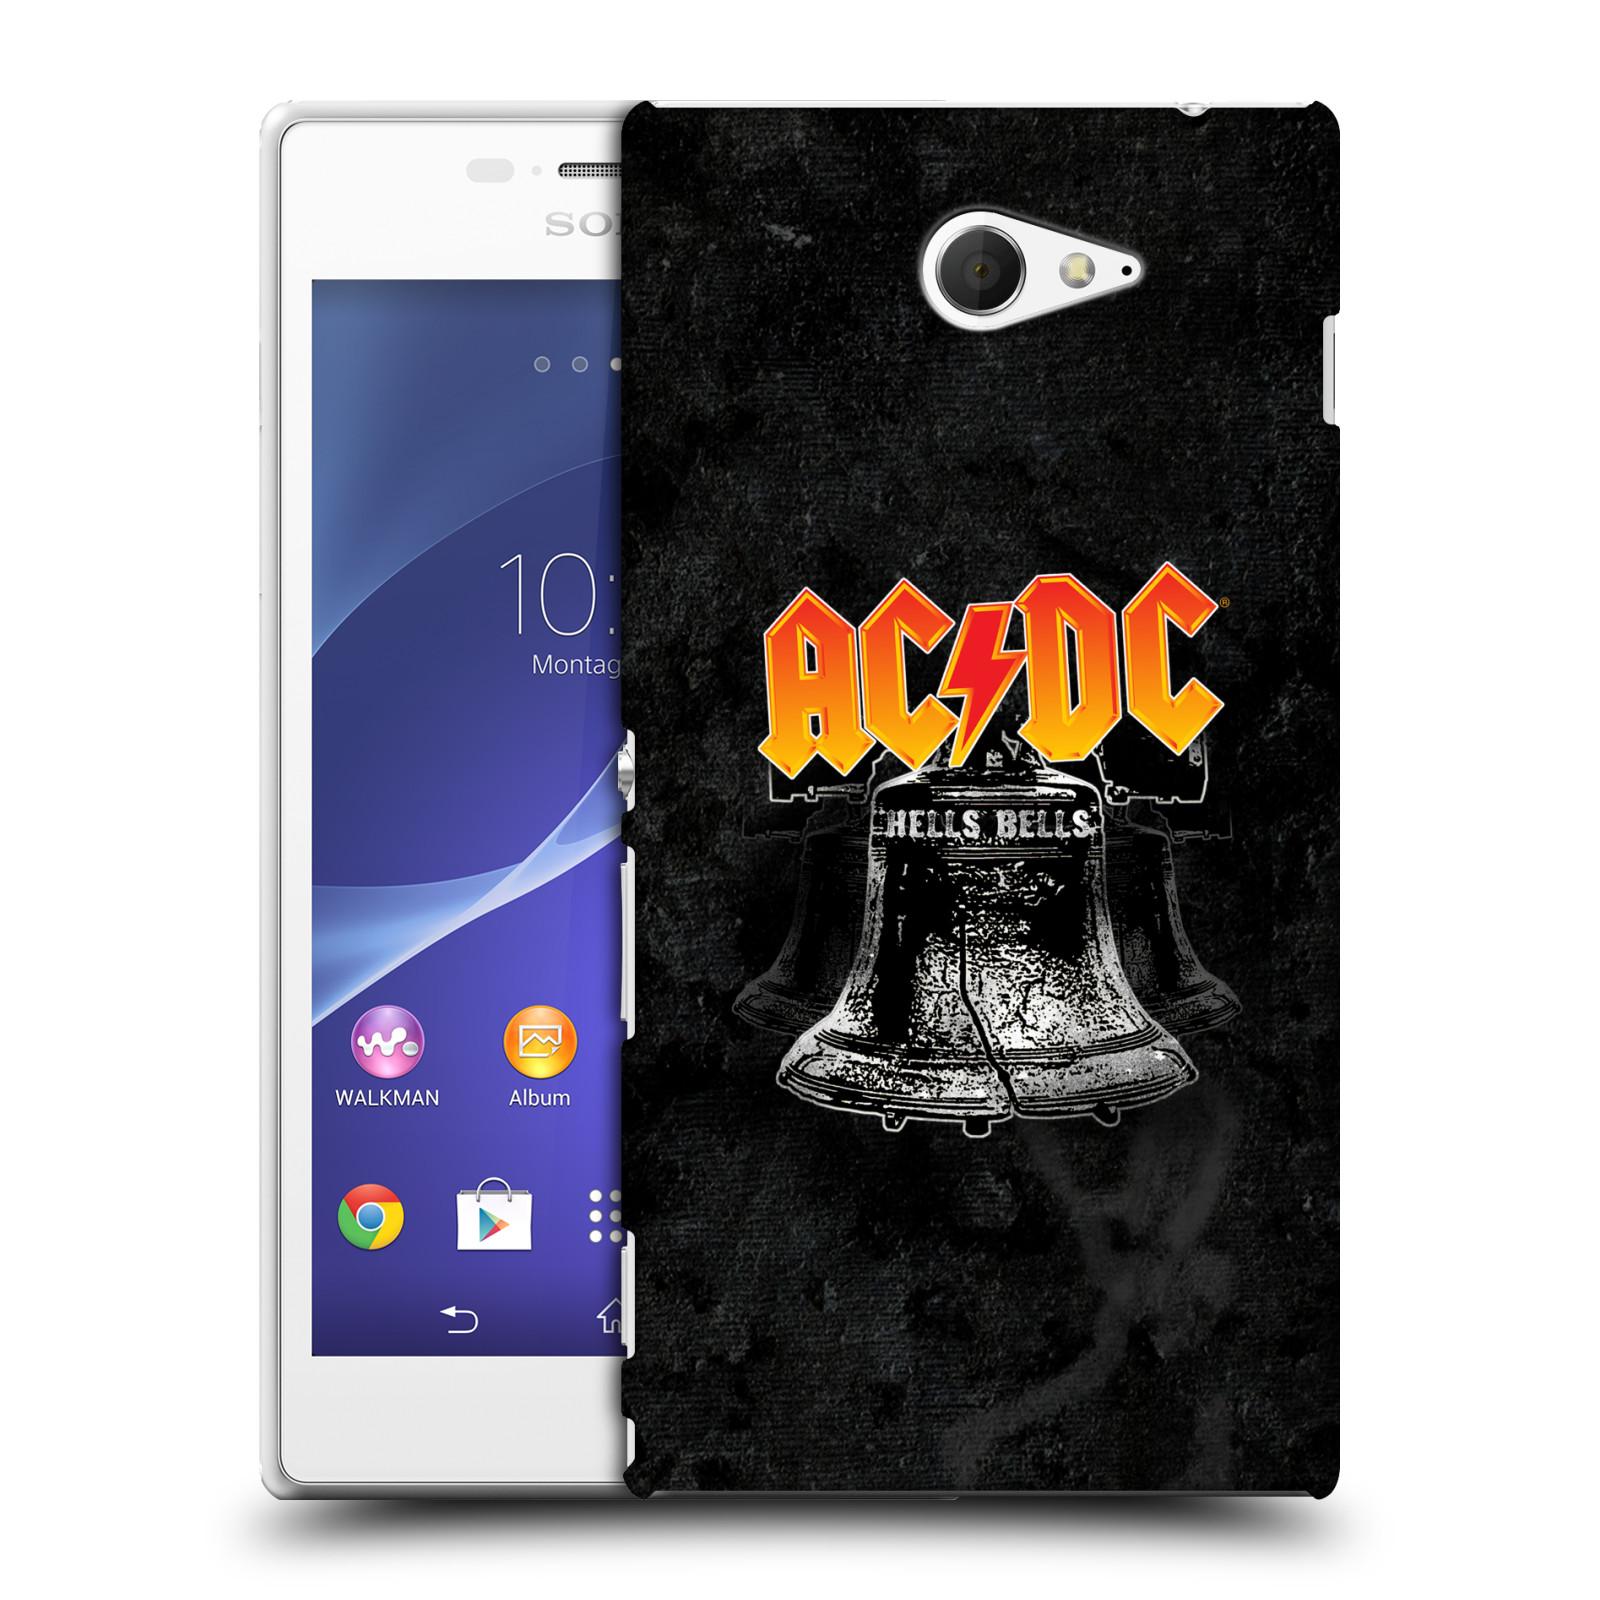 Plastové pouzdro na mobil Sony Xperia M2 D2303 HEAD CASE AC/DC Hells Bells (Plastový kryt či obal na mobilní telefon s oficiálním motivem australské skupiny AC/DC pro Sony Xperia M2 )